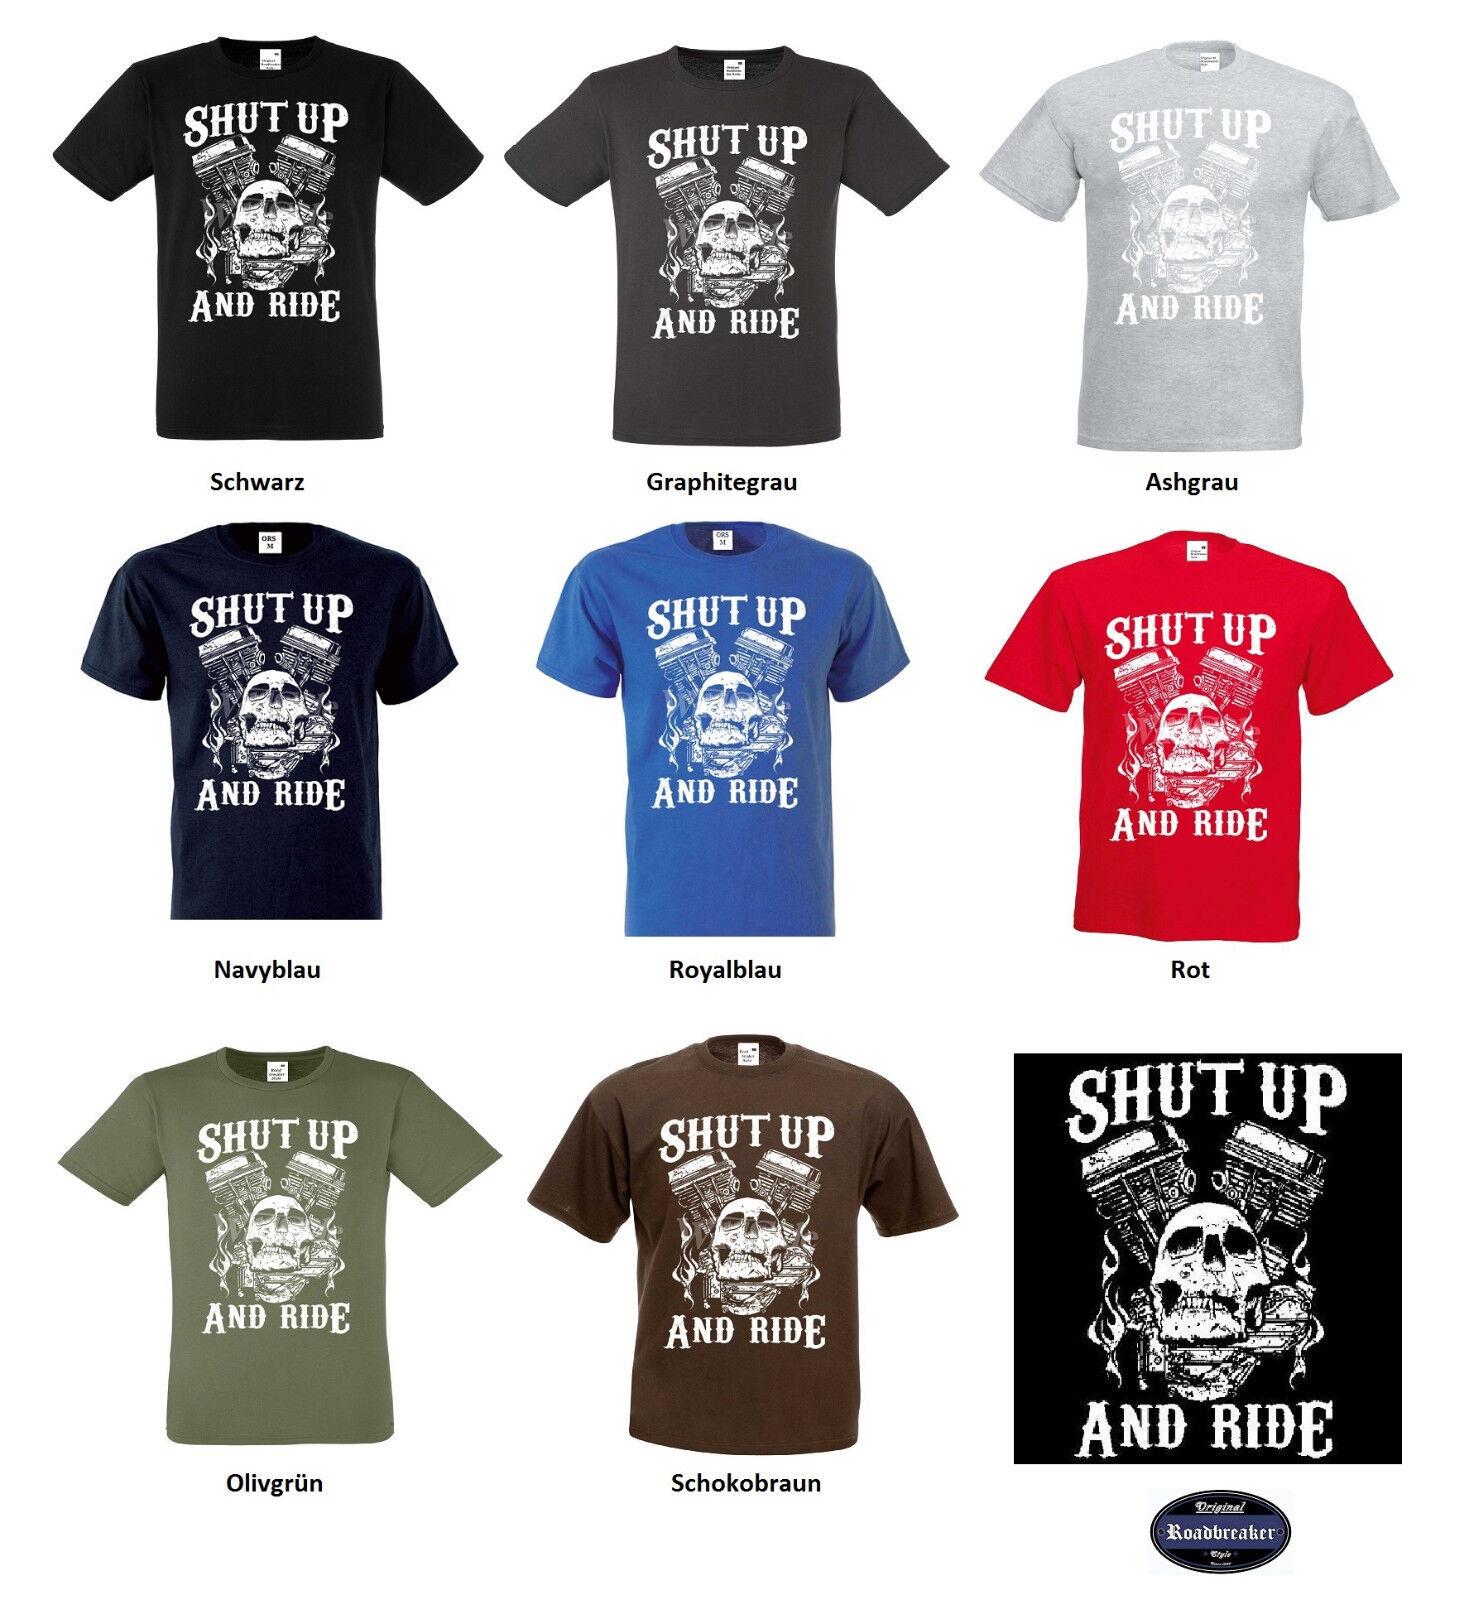 T shirt Hd Biker Chopper - schooldruck & Old schooldruck - 8 teintes modèle SHUT UP AND RIDE 00a103